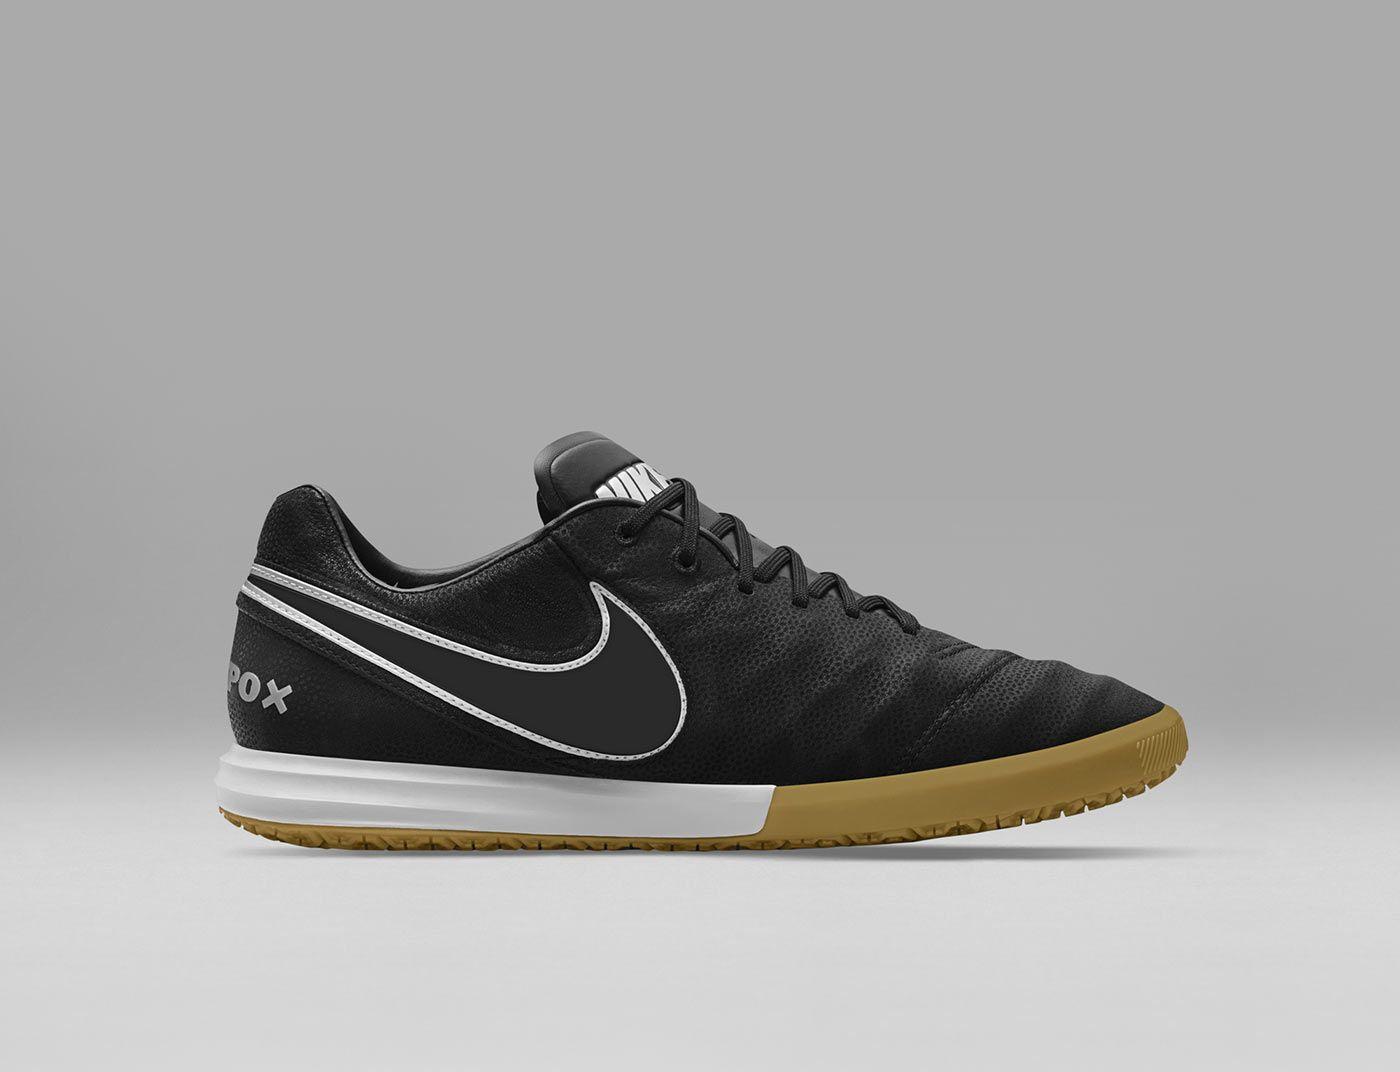 Nike Tech Craft 2, il ritorno delle scarpe da calcio nere in  0TCjEa